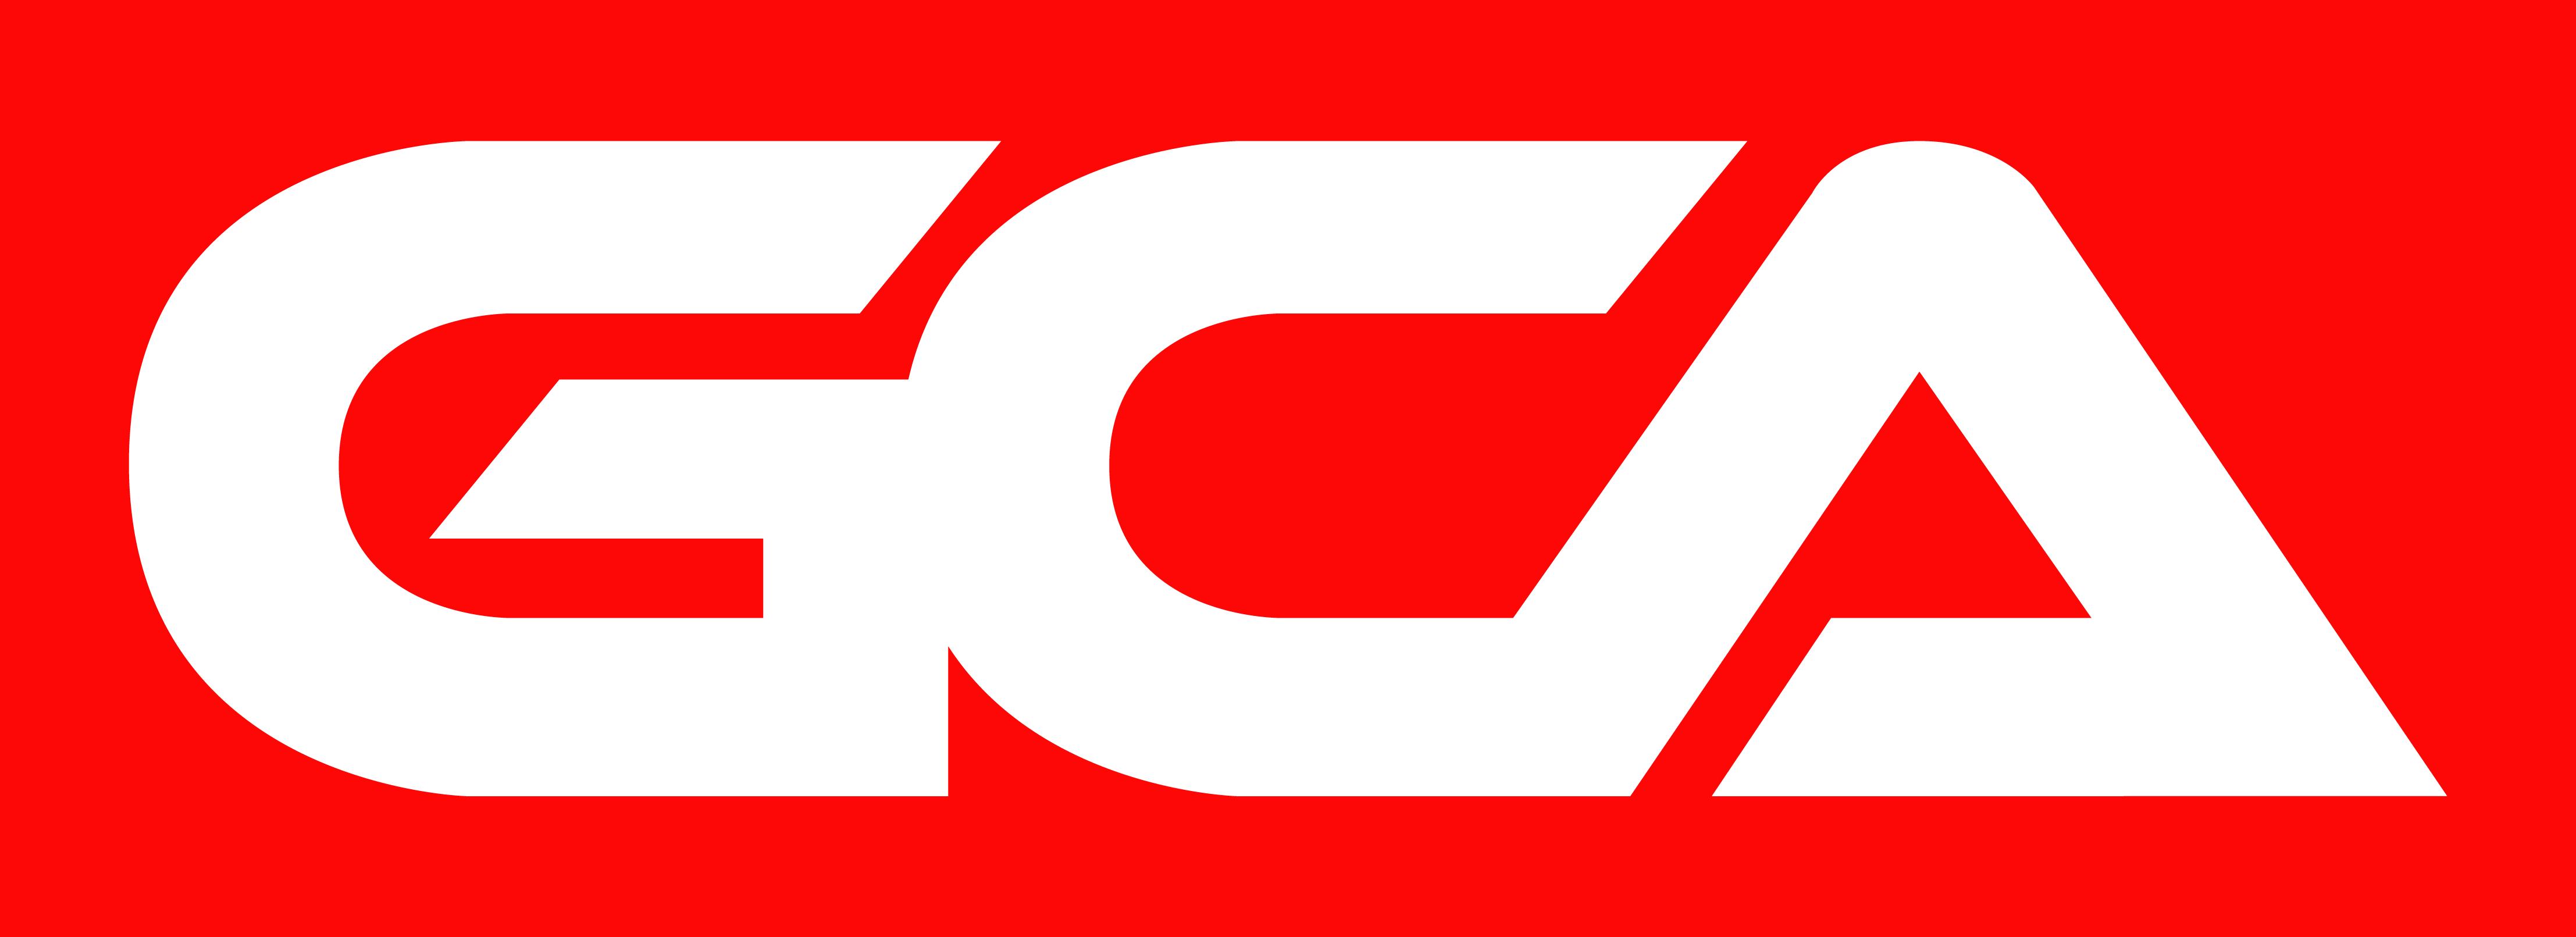 Logo_GCA.jpg